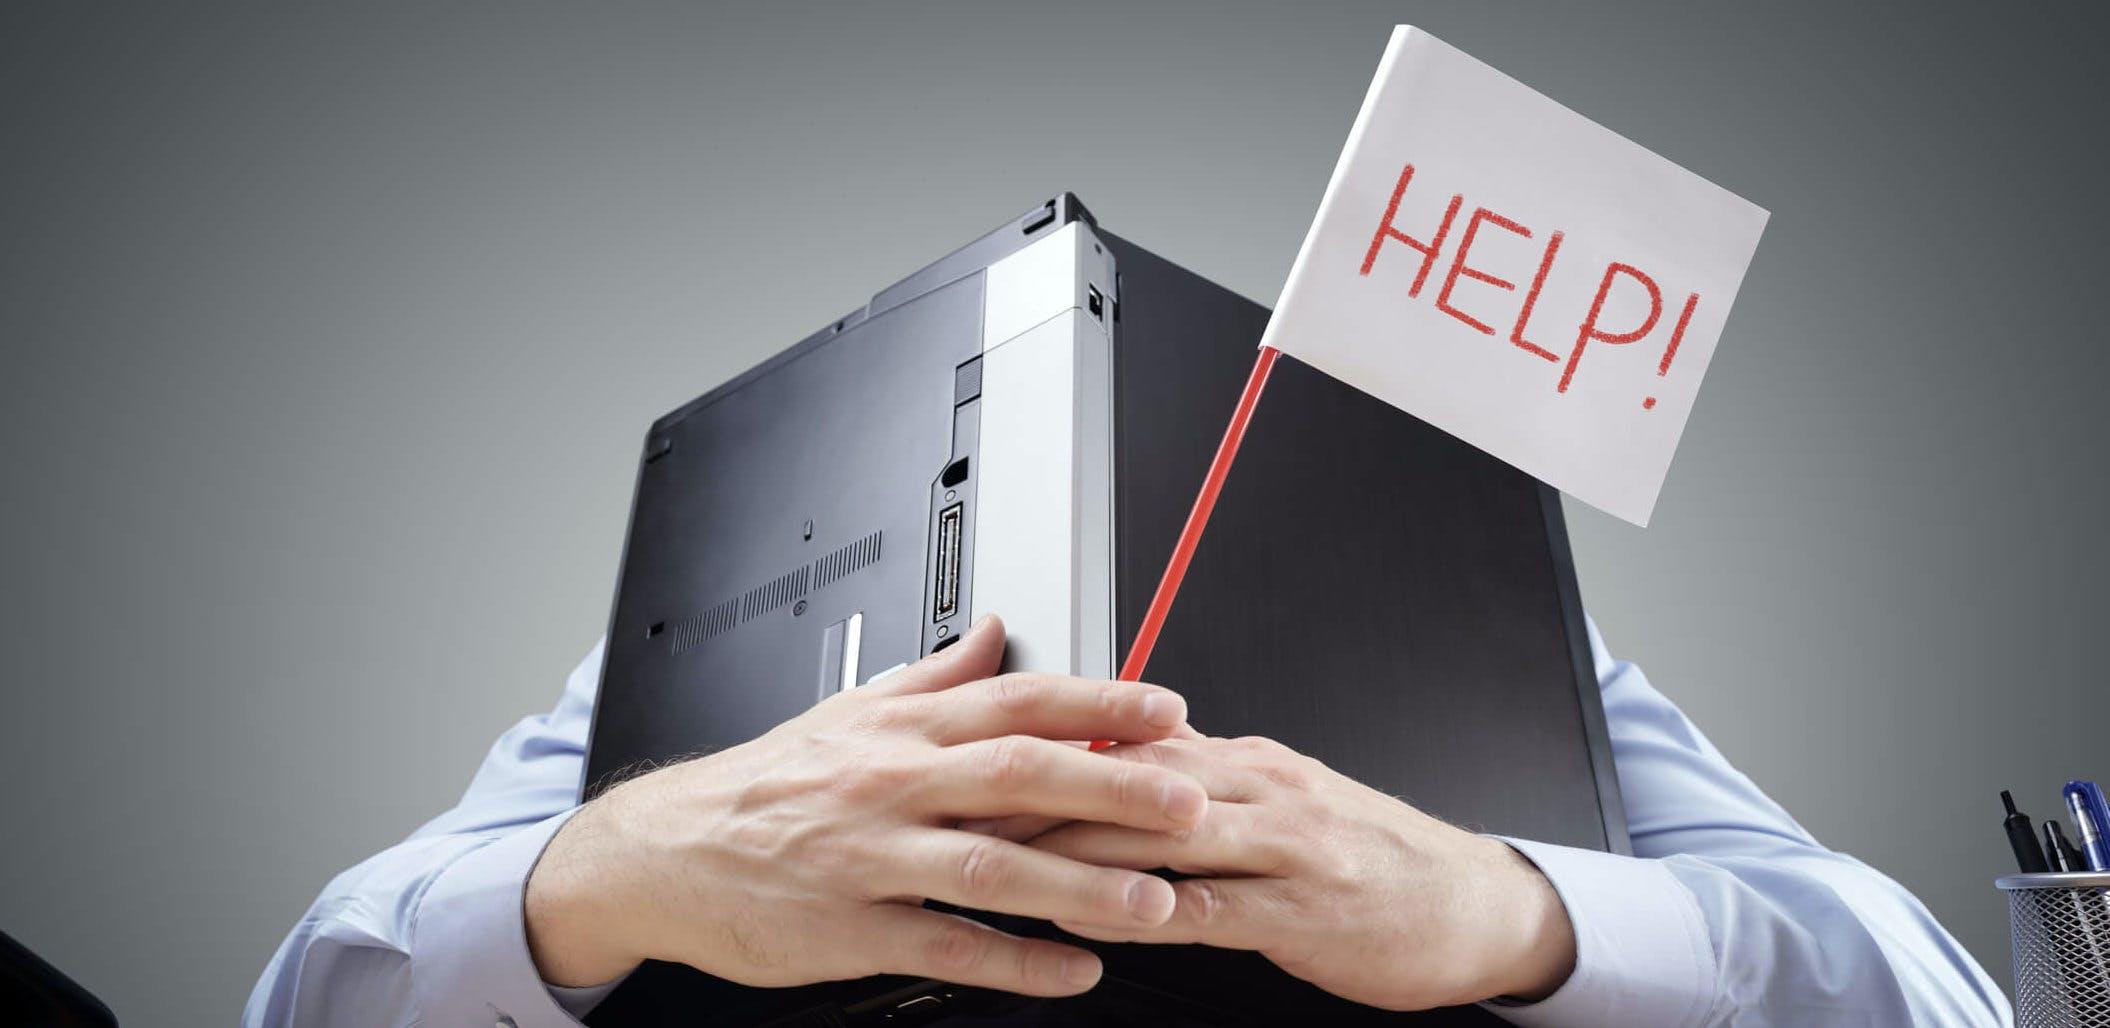 Titelbild-Mann-hinter-Laptop-Hilfe-Help-iStock-658516626